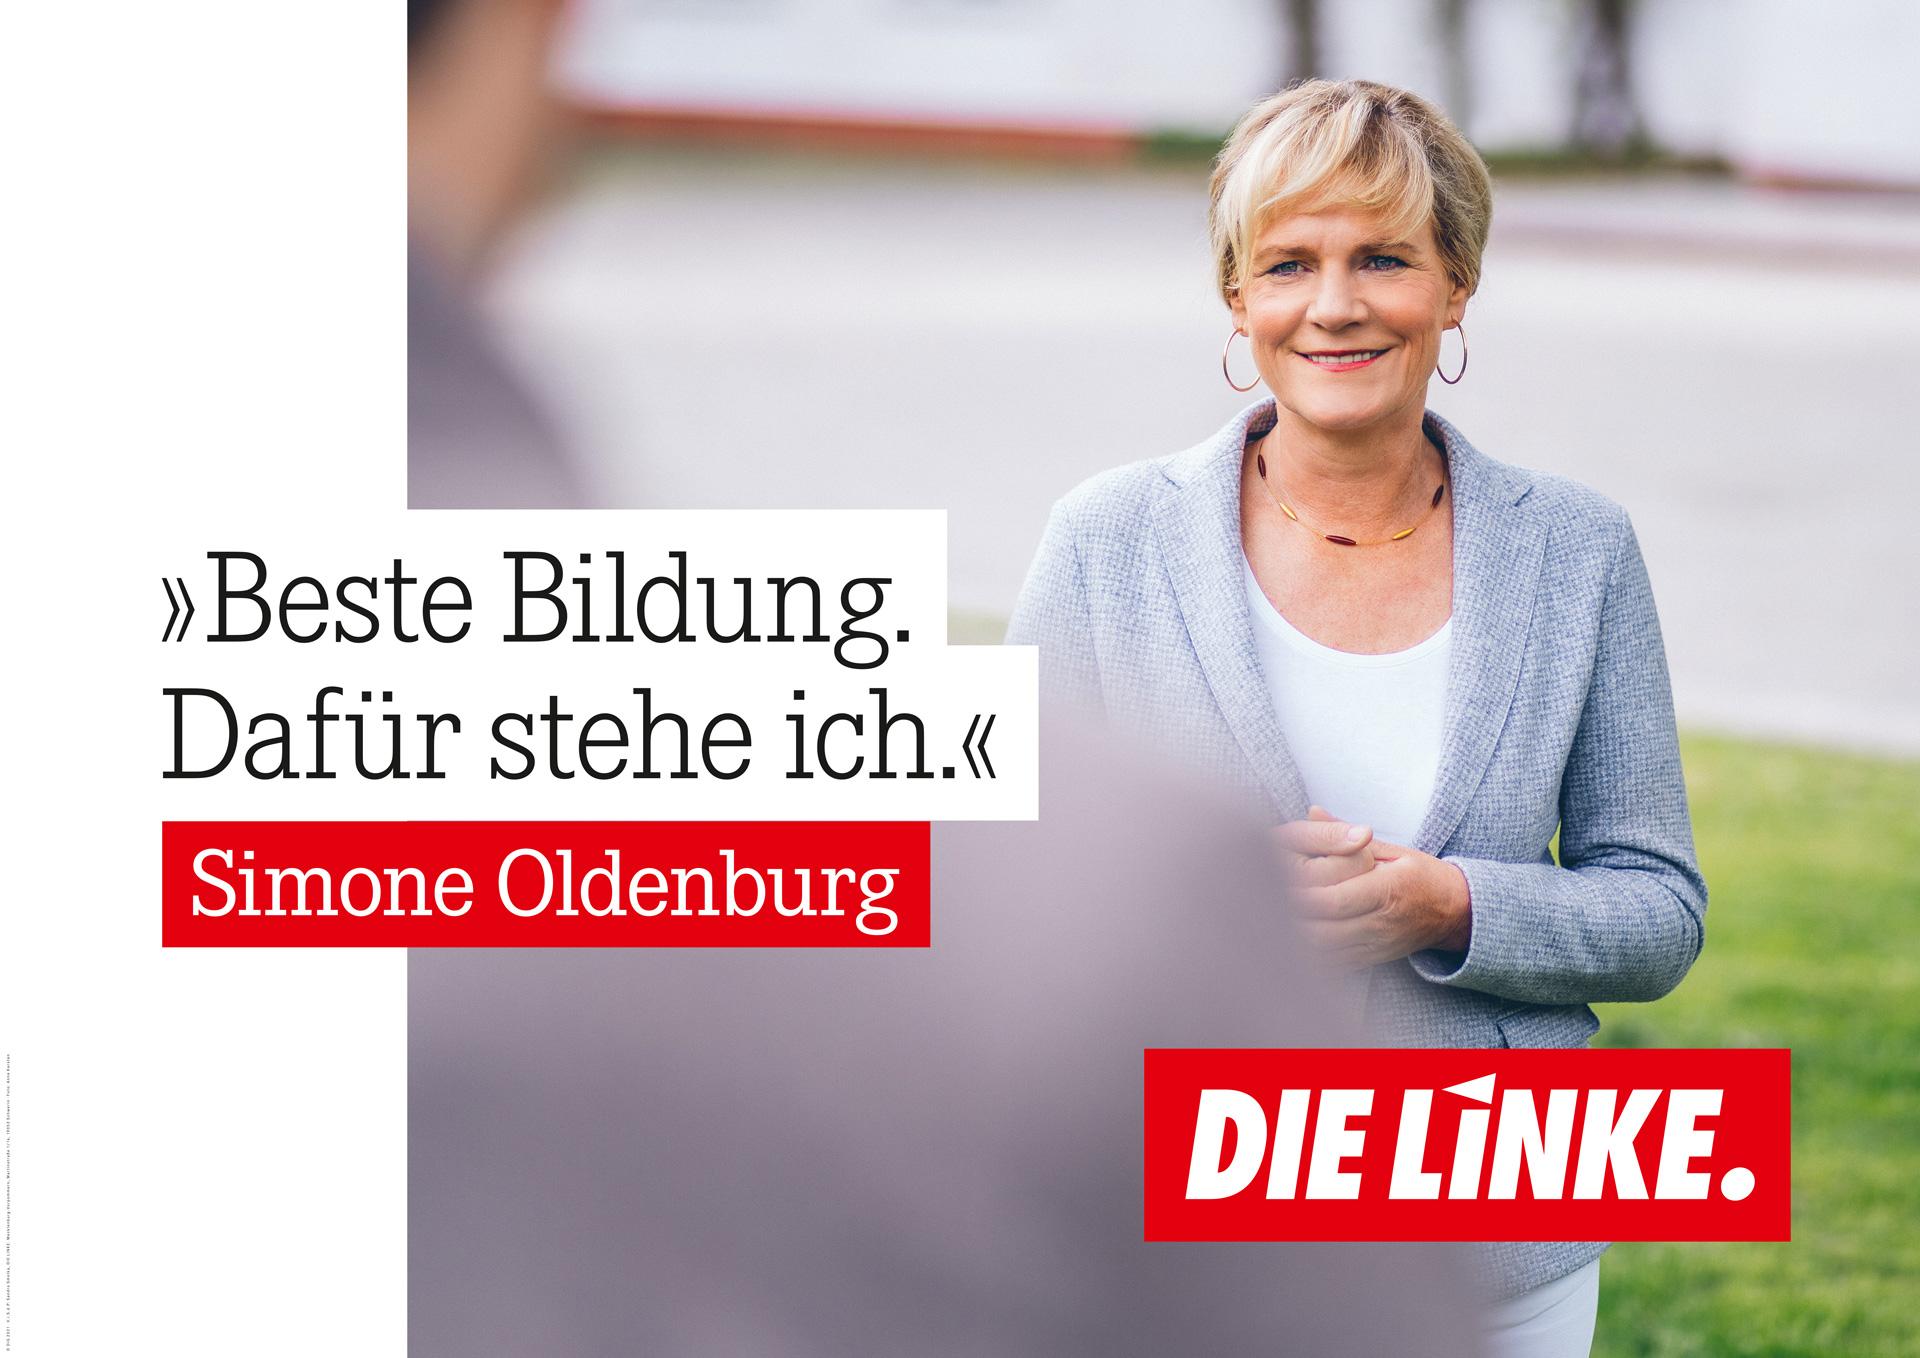 Beste Bildung. Dafür stehe ich. Simone Oldenburg